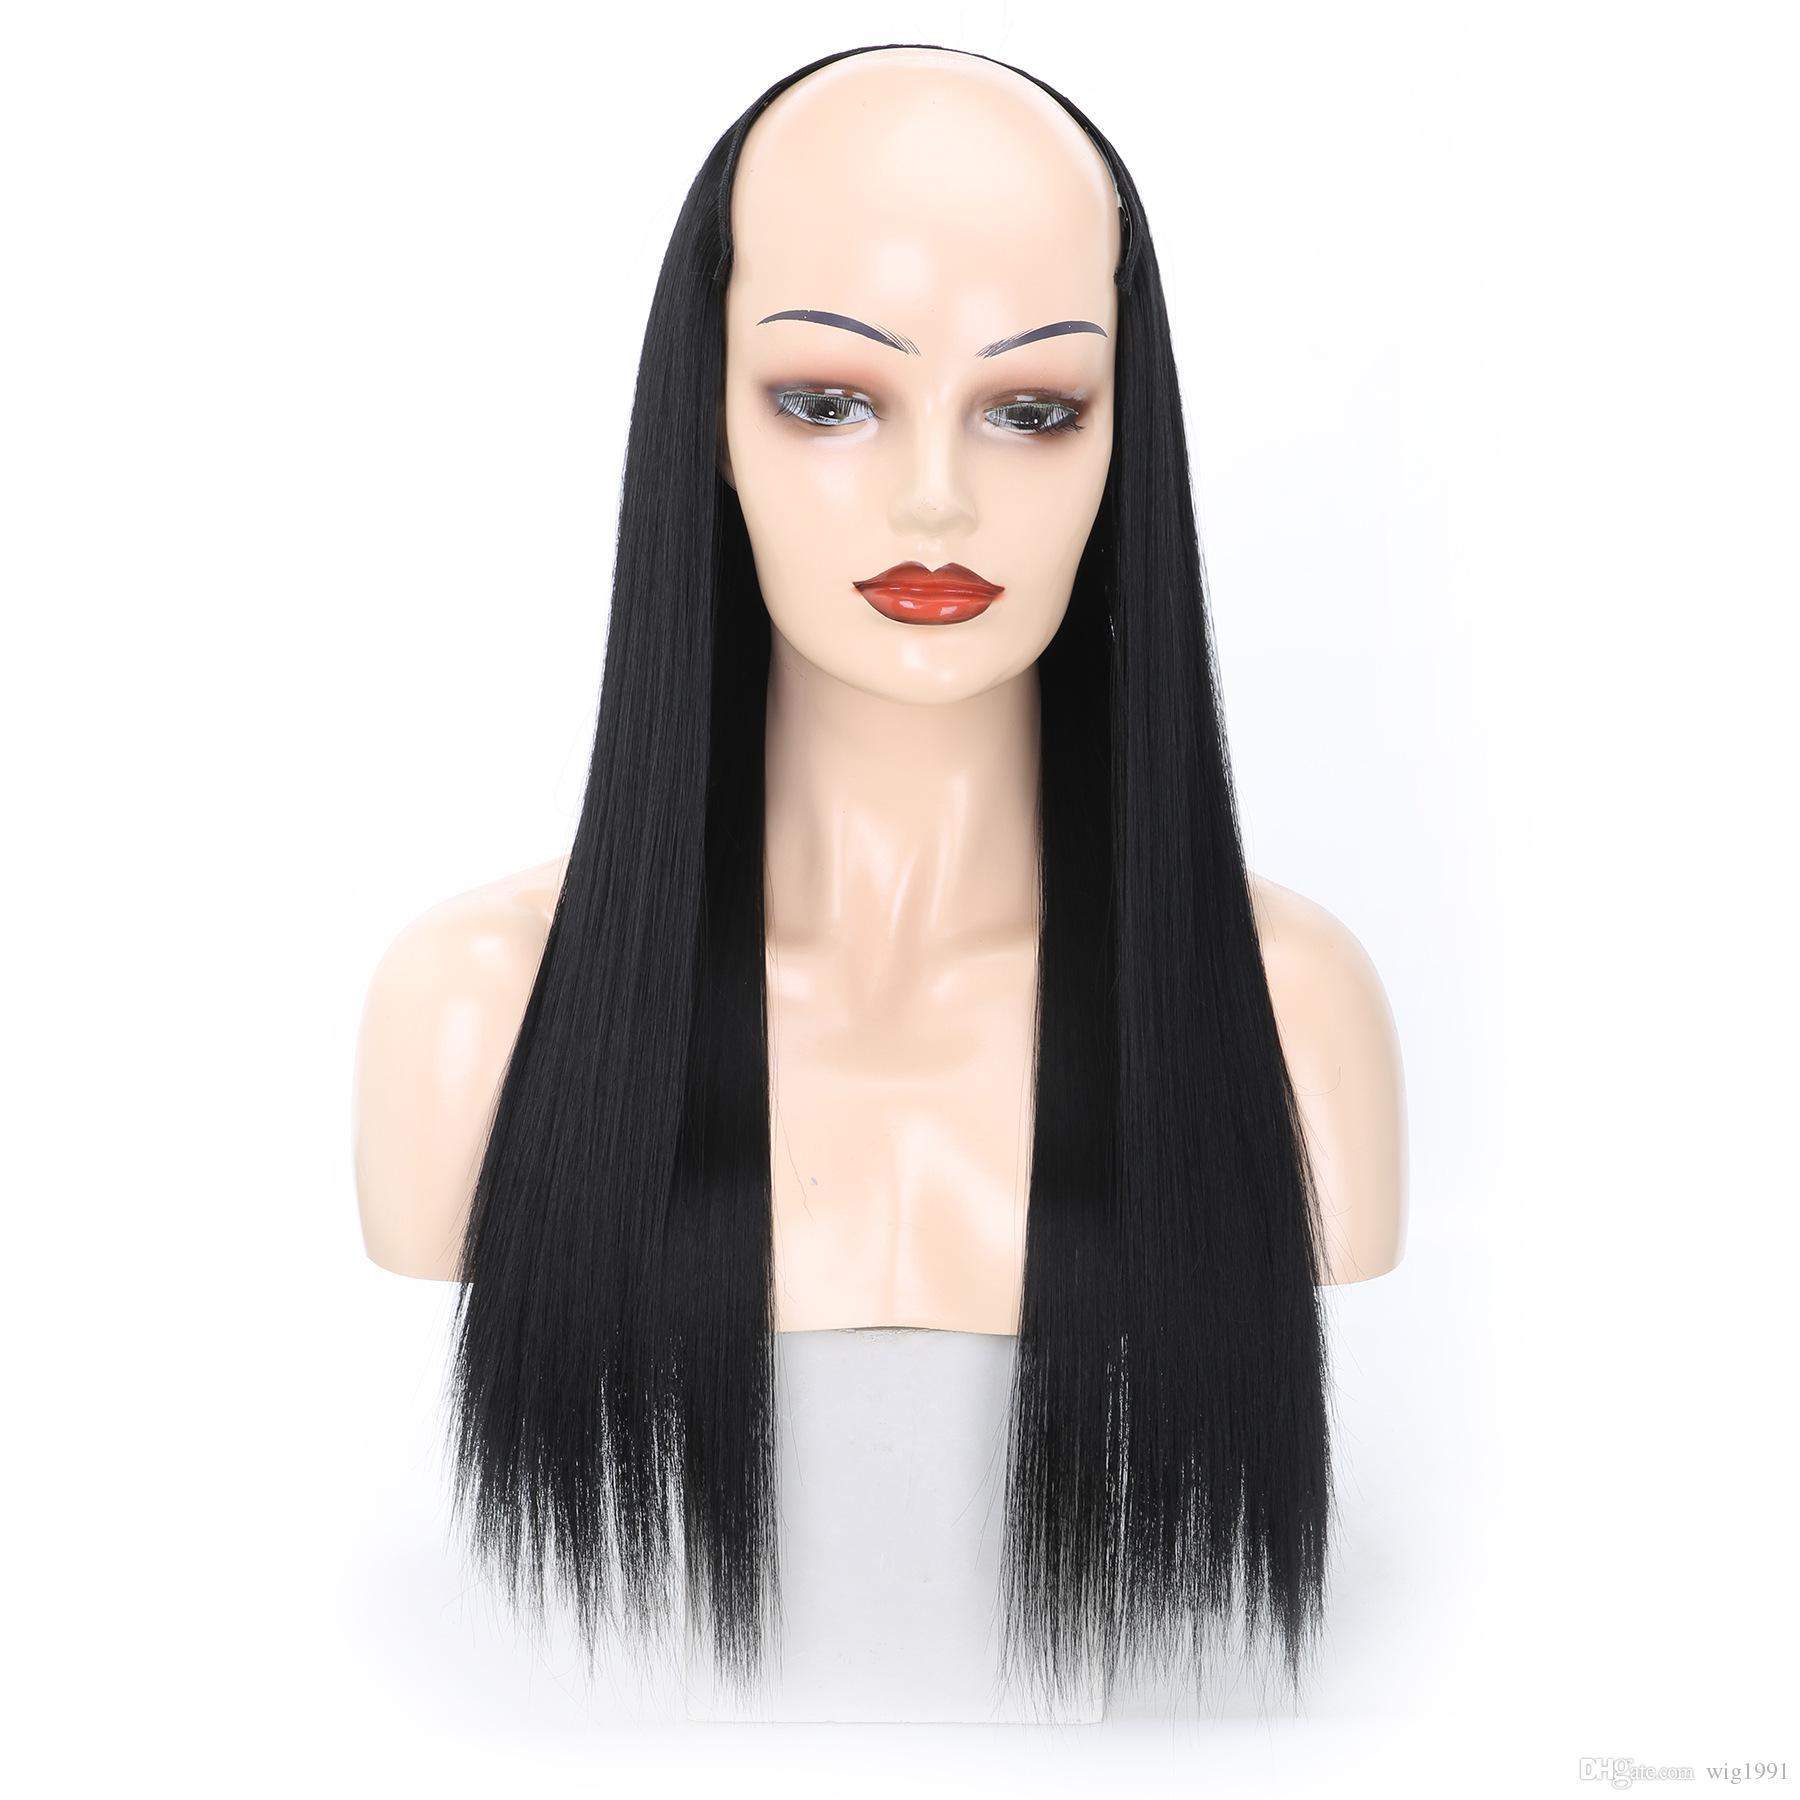 مقطع هيربيسي 26 بوصة أشقر أسود اللون أومبير طويل مقطع في قطعة واحدة 14 ألوان الشعر ملحقات ريال سميكة الطبيعية مستقيم الاصطناعية